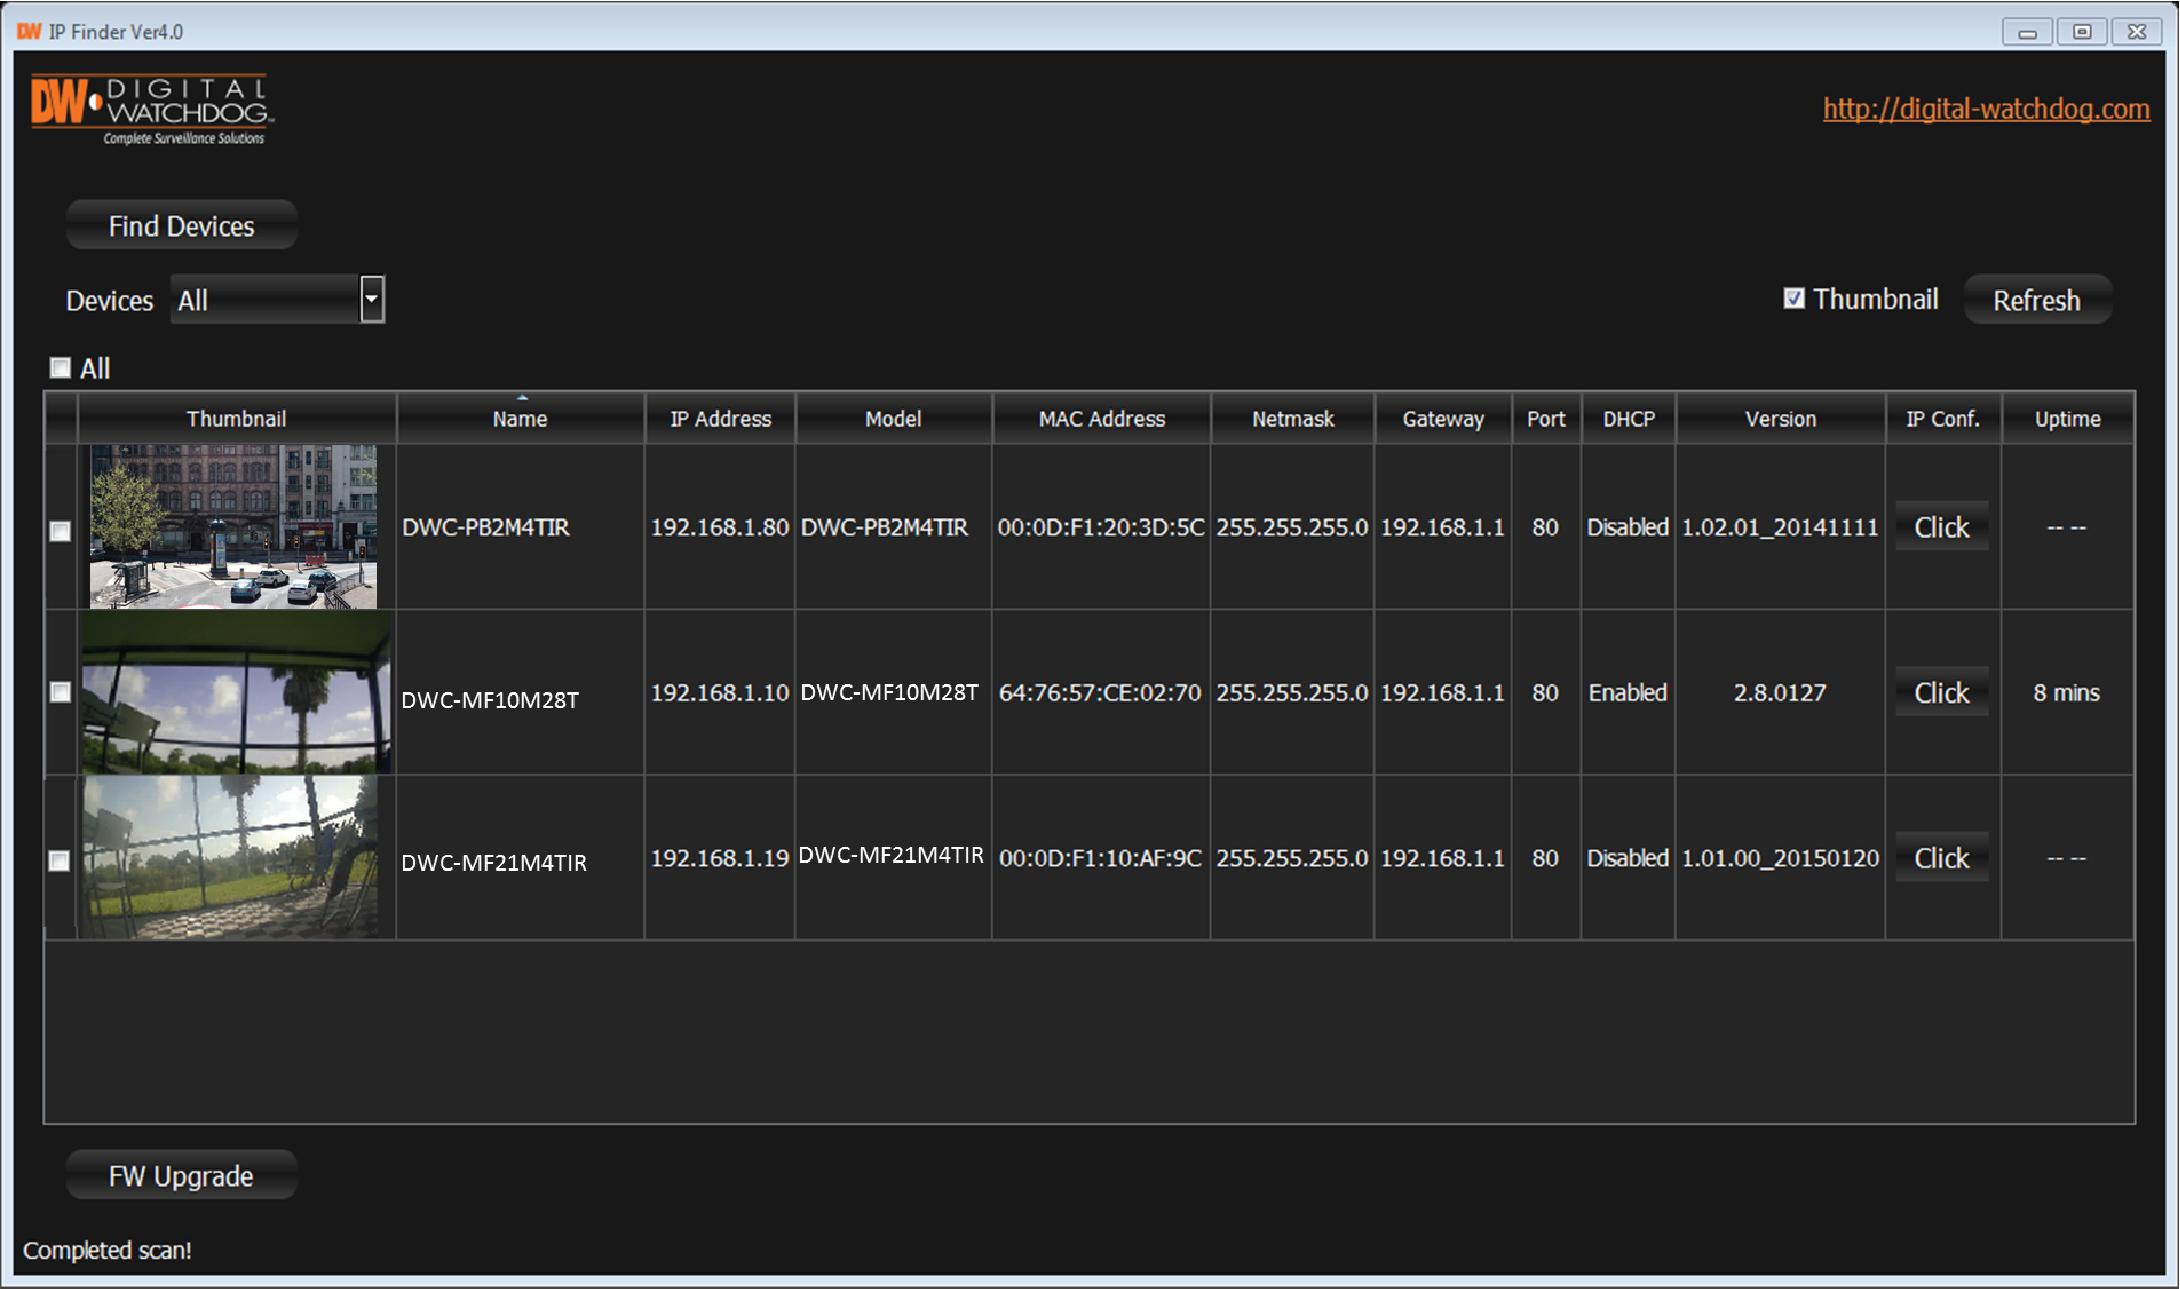 DW IP Finder™